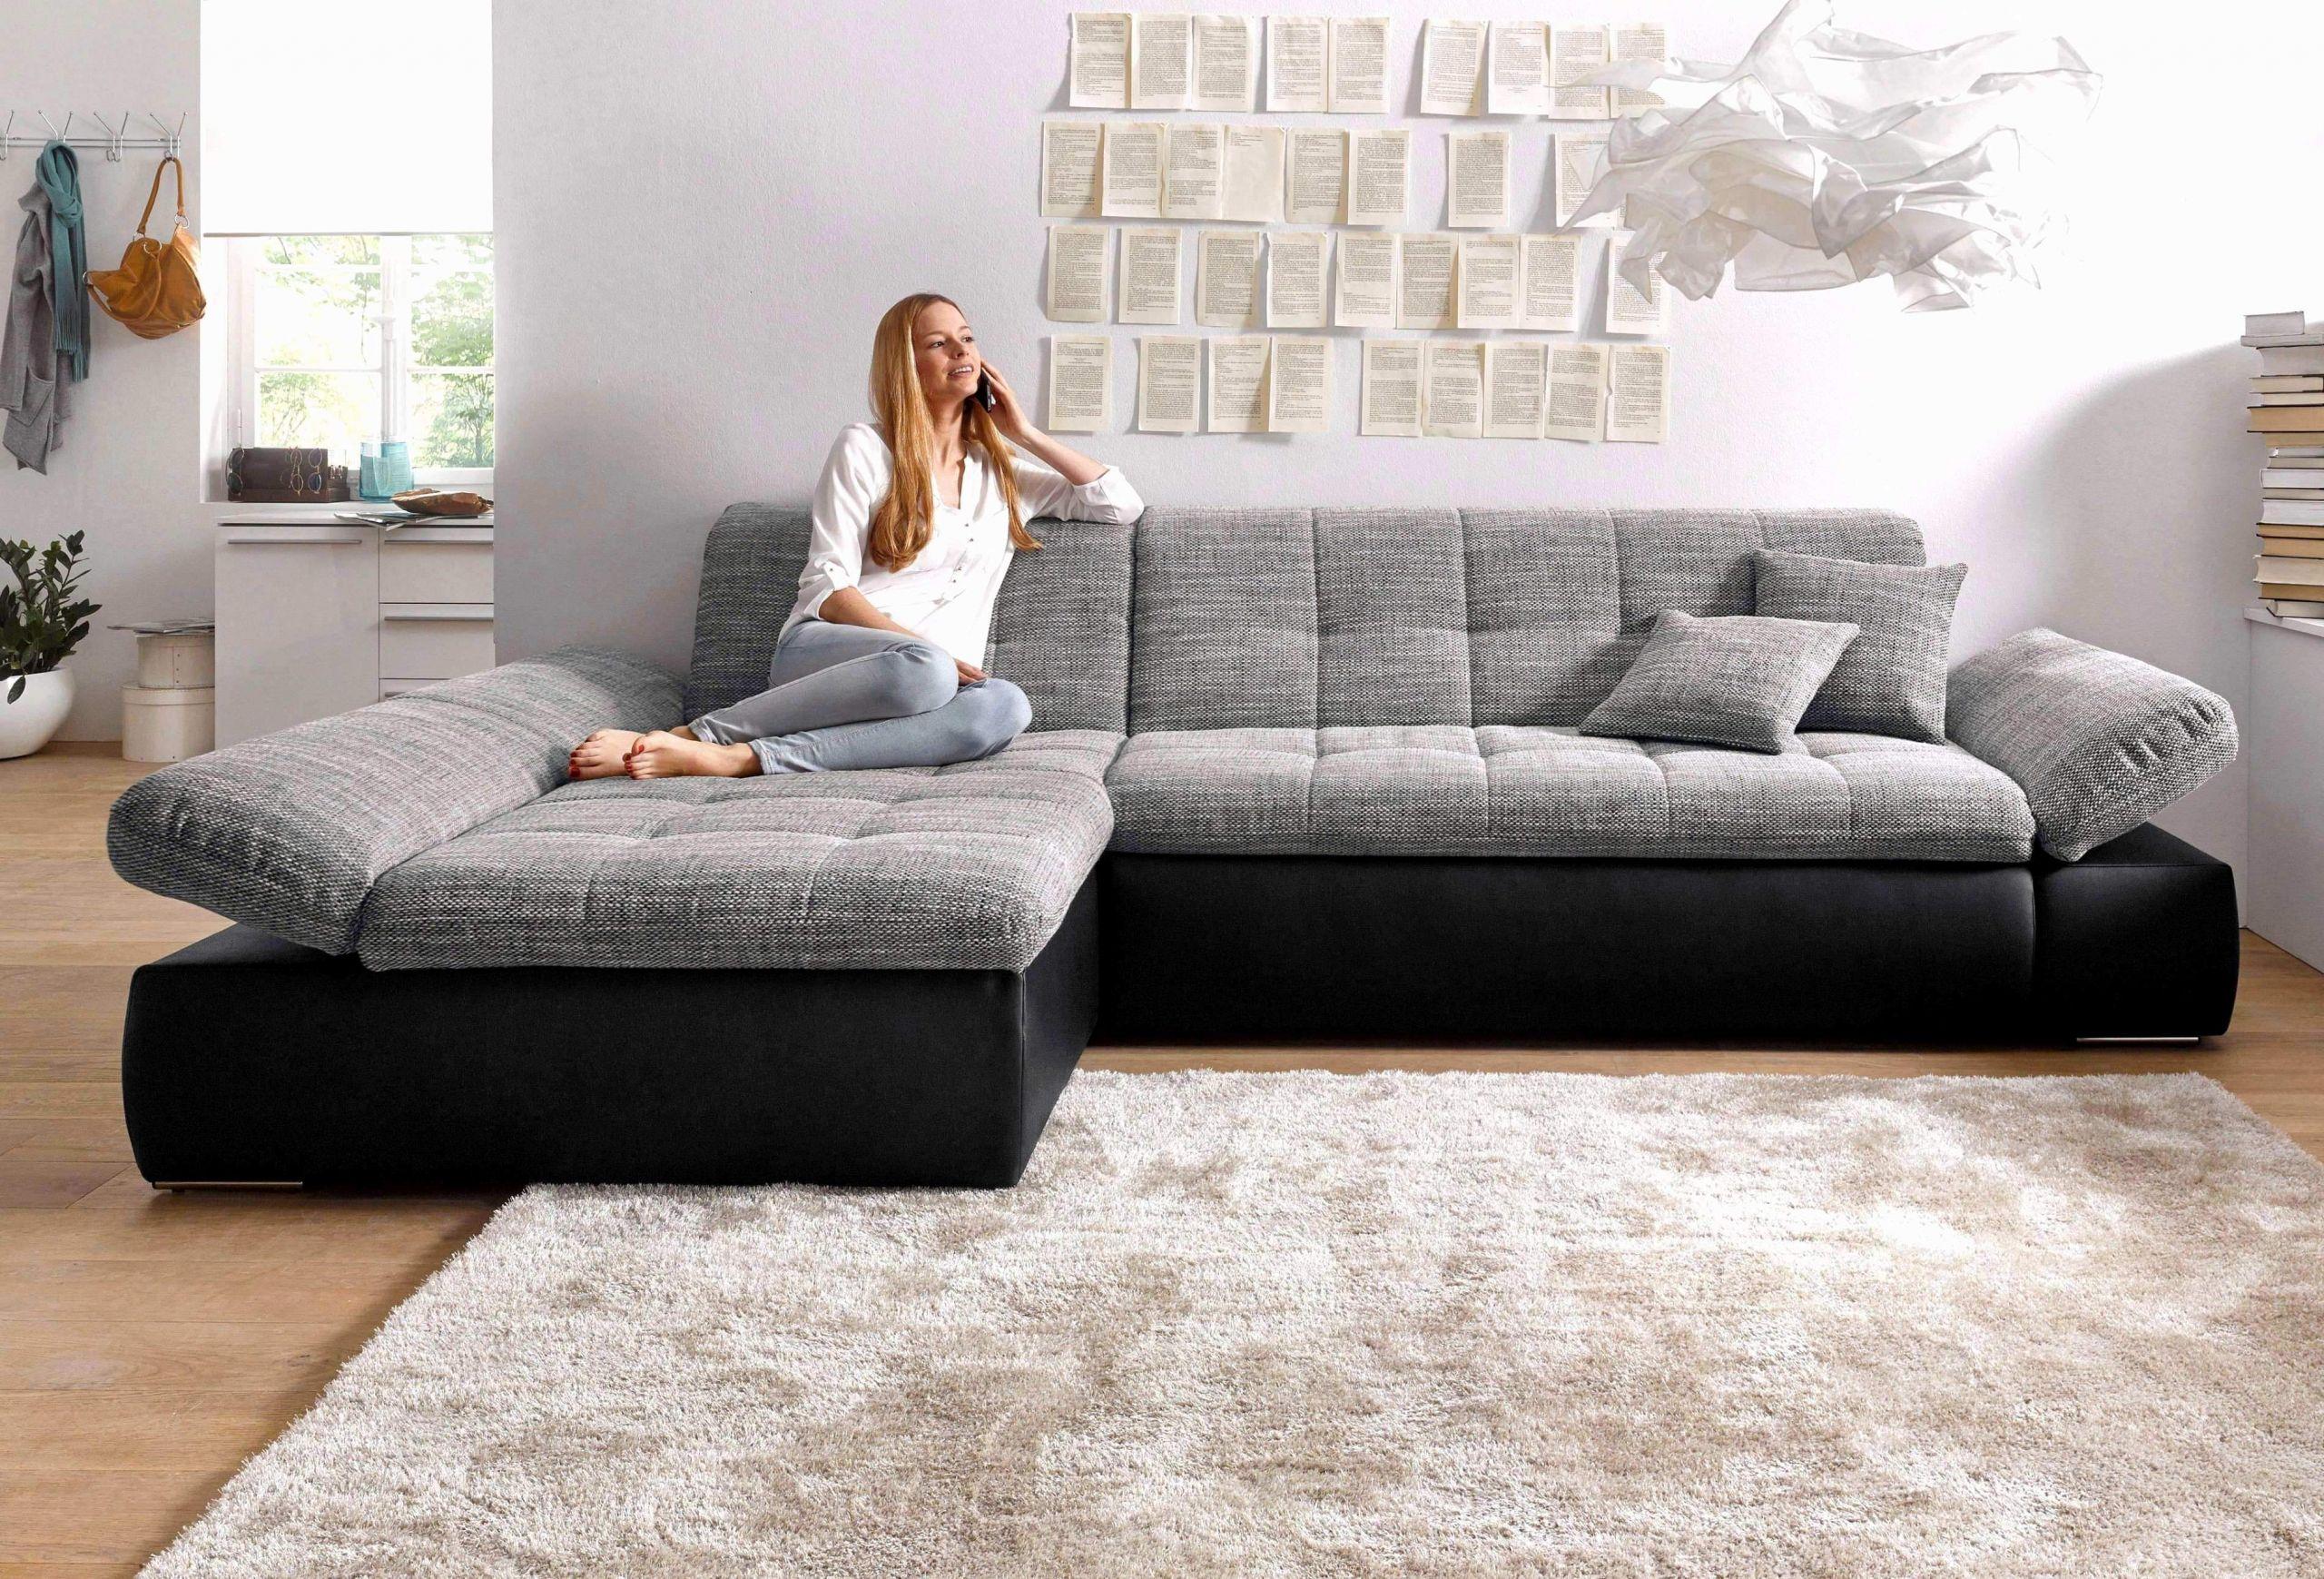 klapptisch wohnzimmer reizend luxus leinwandbilder wohnzimmer of klapptisch wohnzimmer scaled